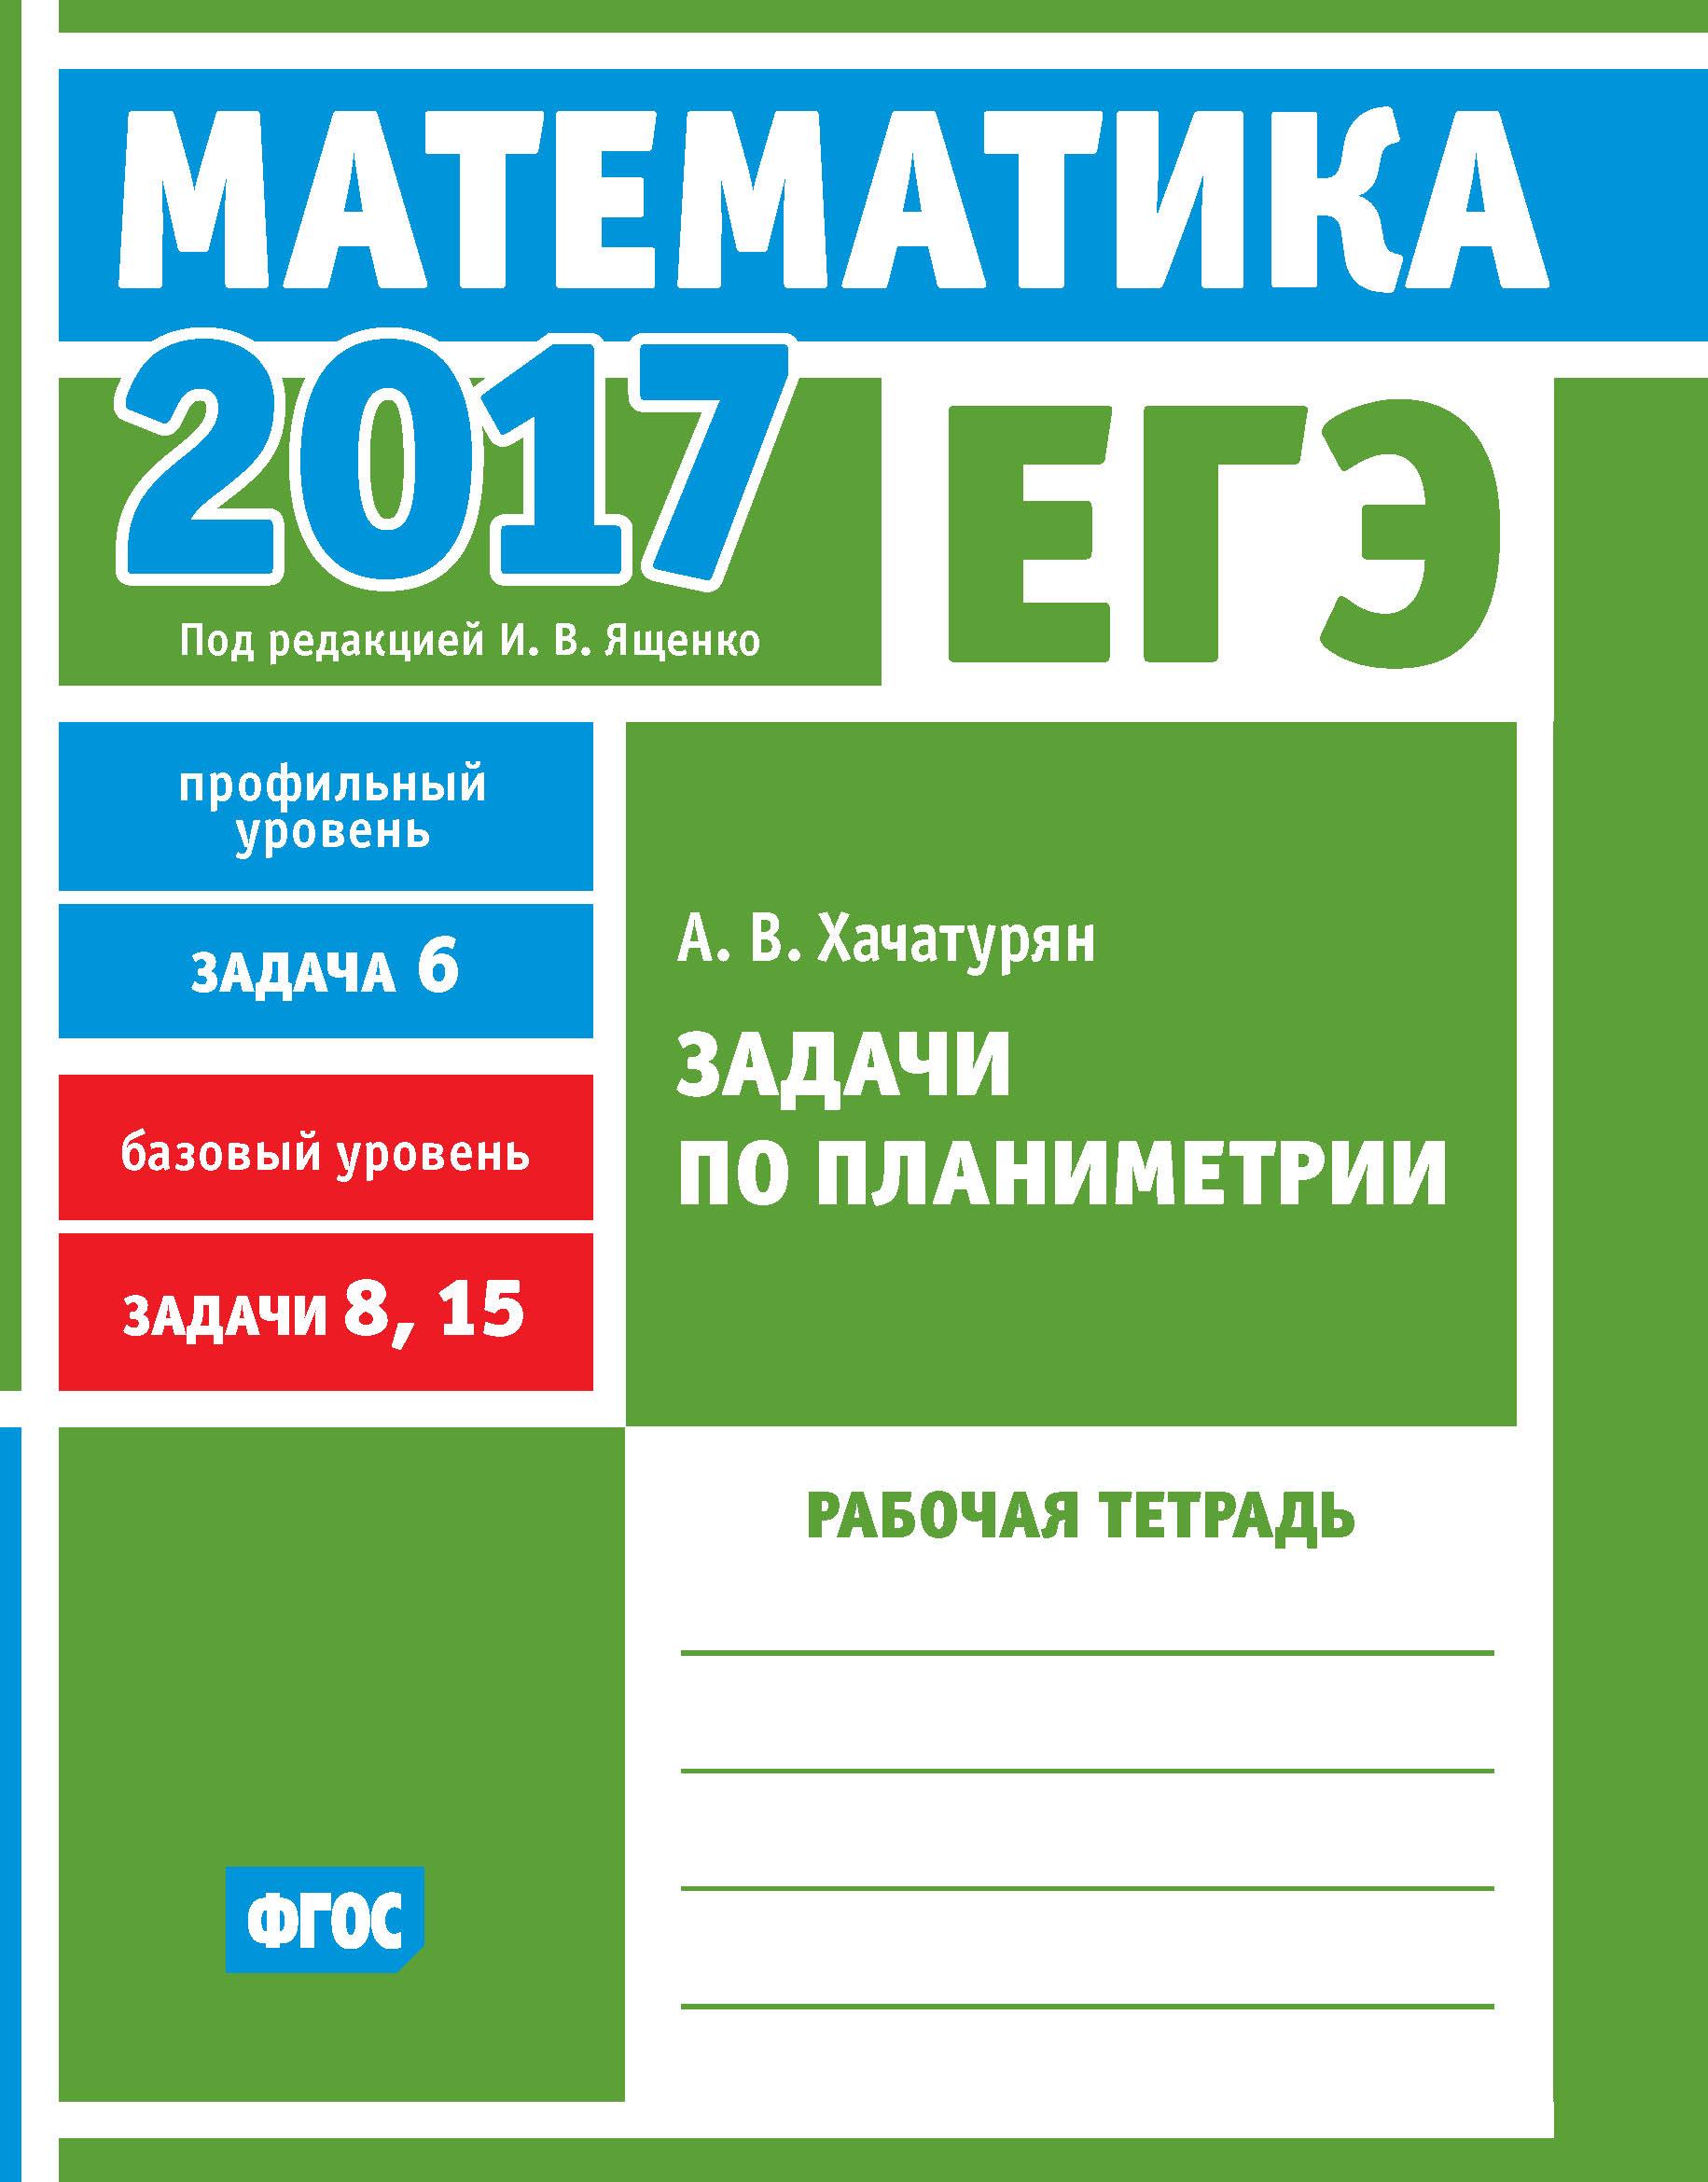 А. В. Хачатурян ЕГЭ 2017. Математика. Задачи по планиметрии. Задача 6 (профильный уровень). Задачи 8, 15 (базовый уровень). Рабочая тетрадь росмэн рабочая тетрадь учимся решать задачи